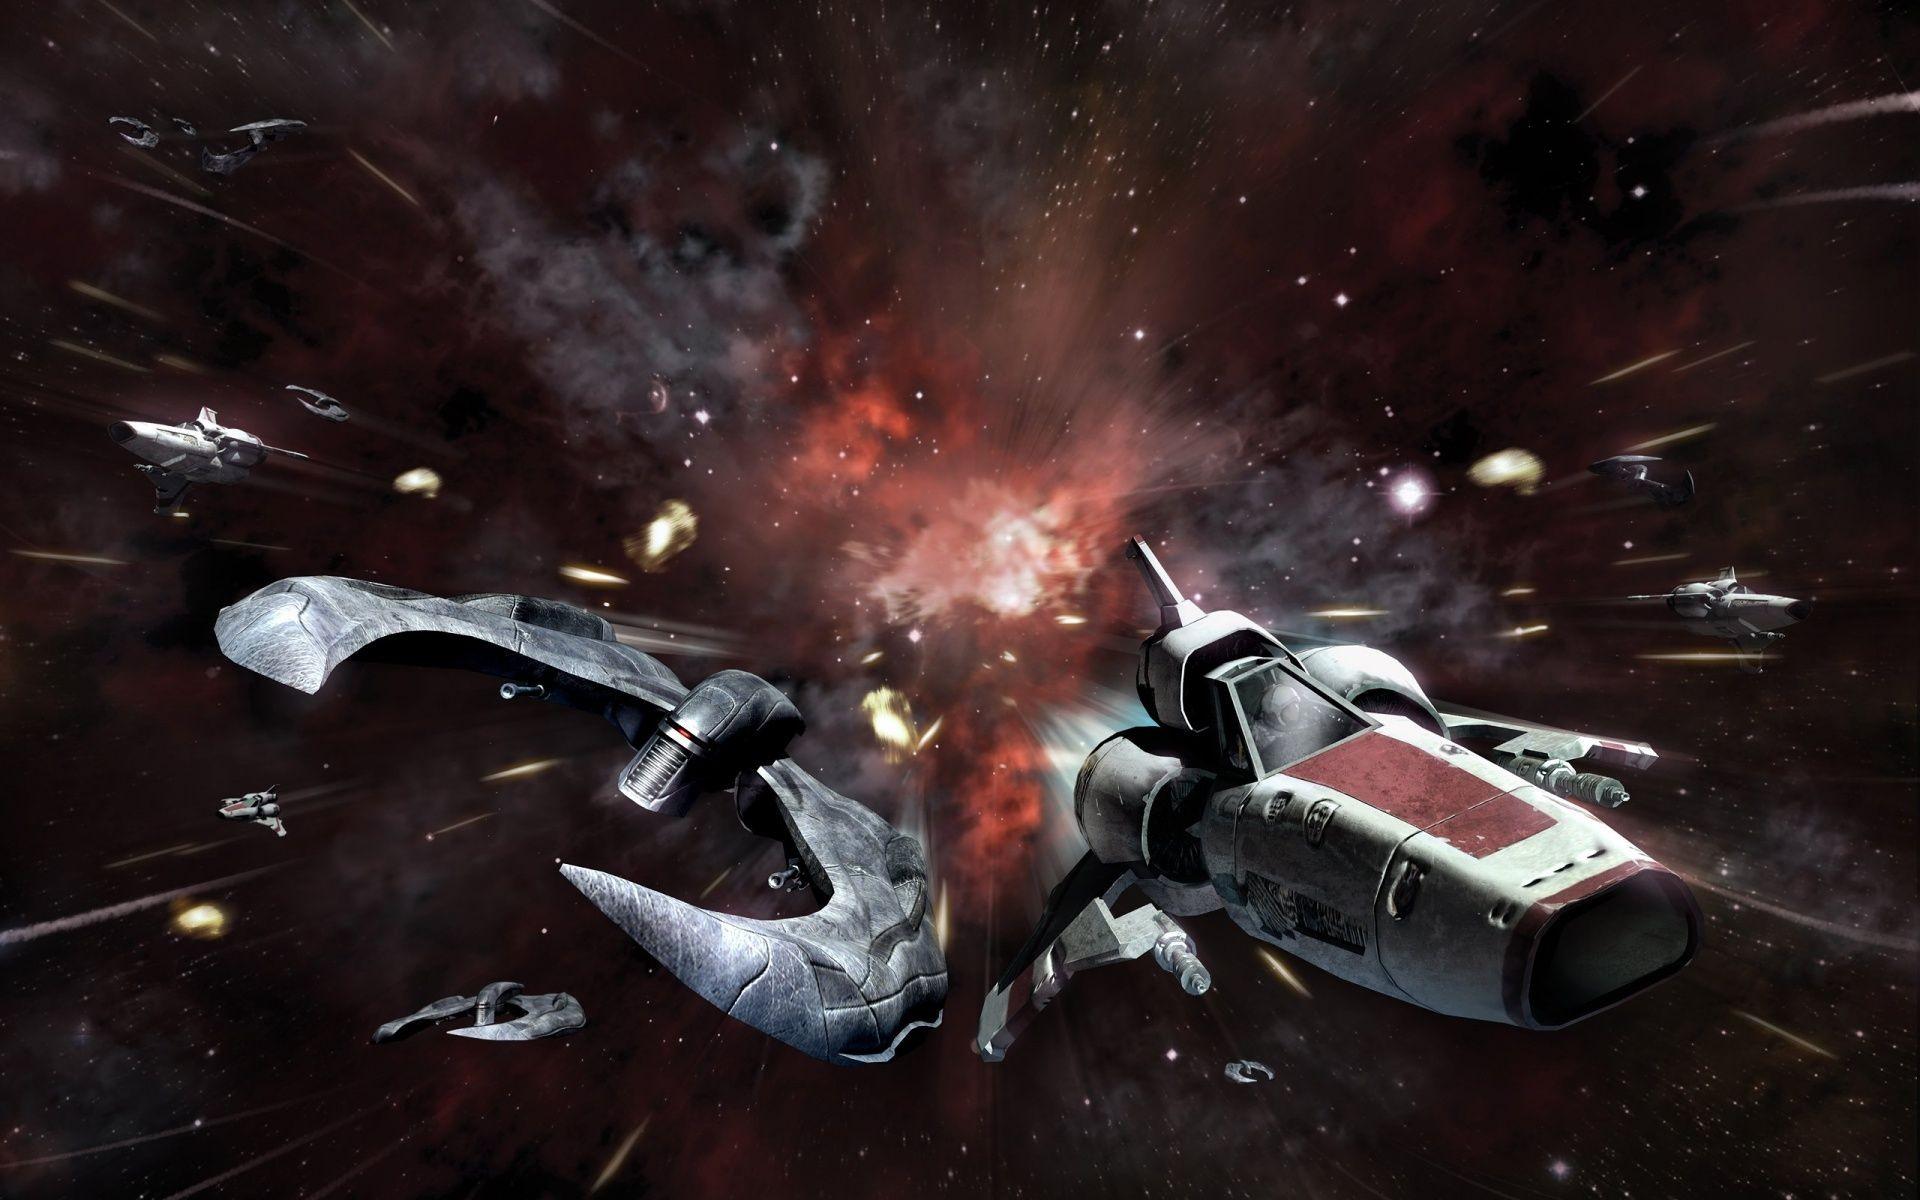 Battlestar Galactica Wallpaper 1 Download Free Stunning HD